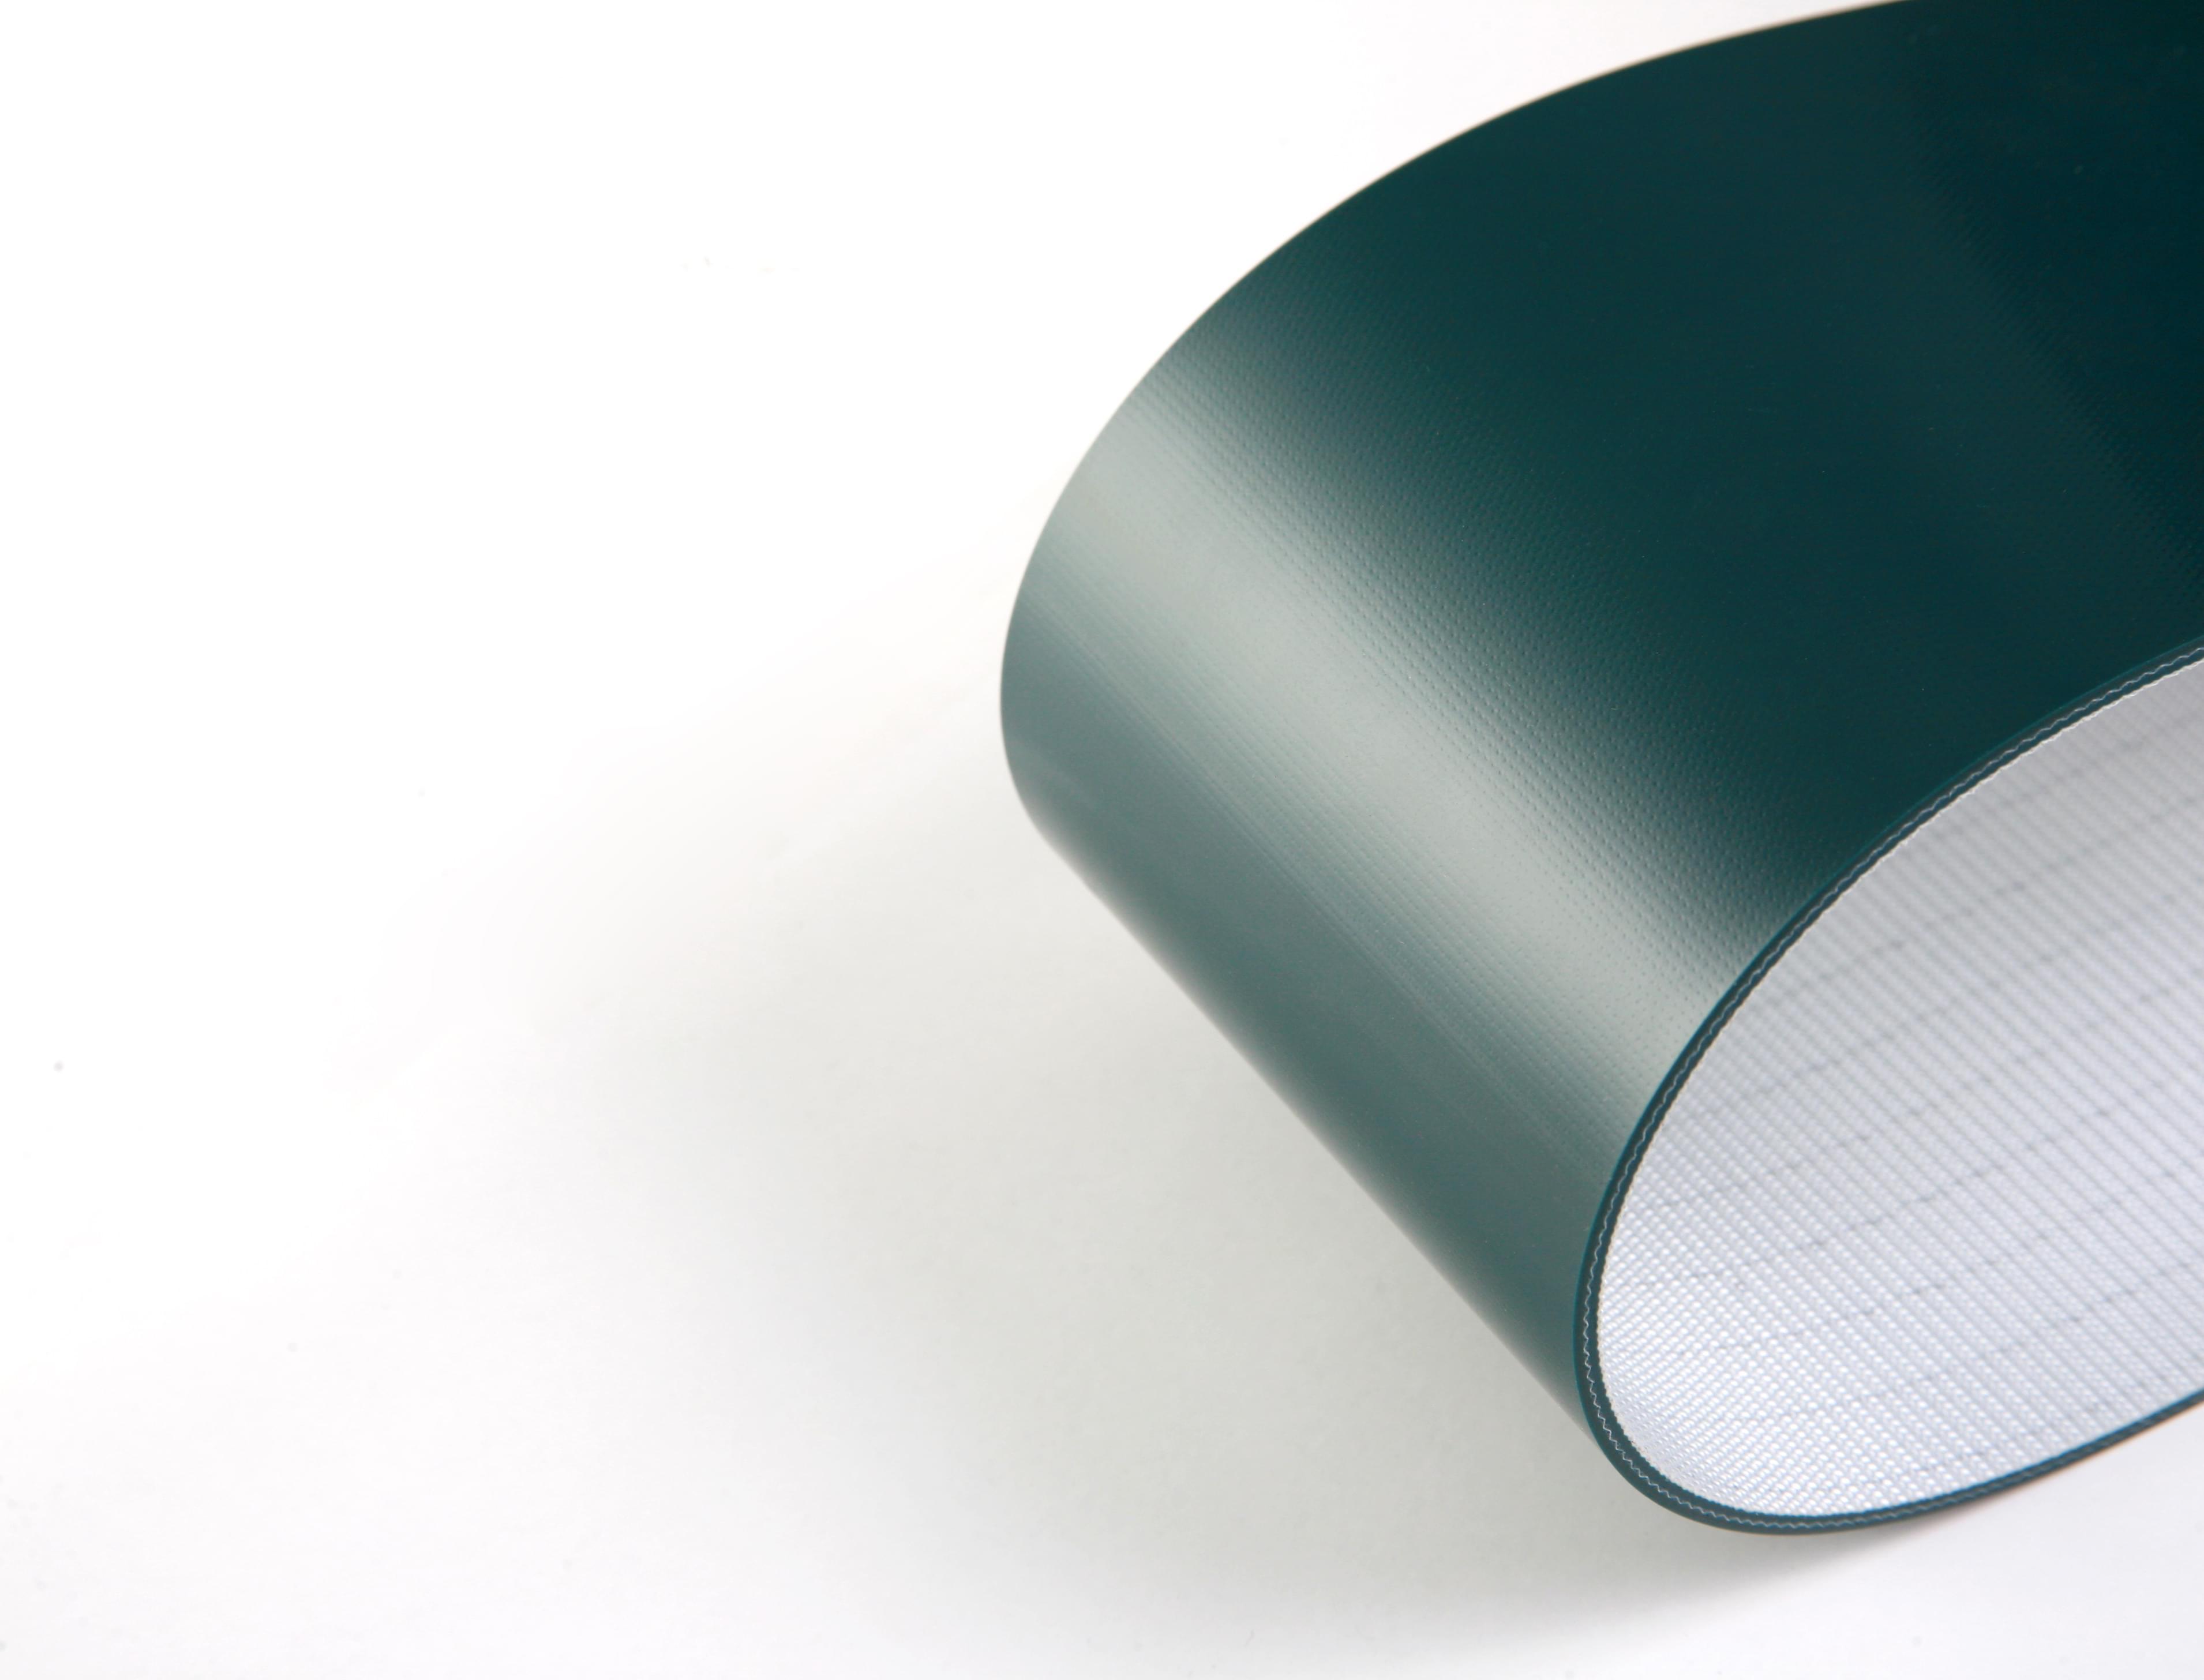 correia de duas lonas em PVC verde com 3mm